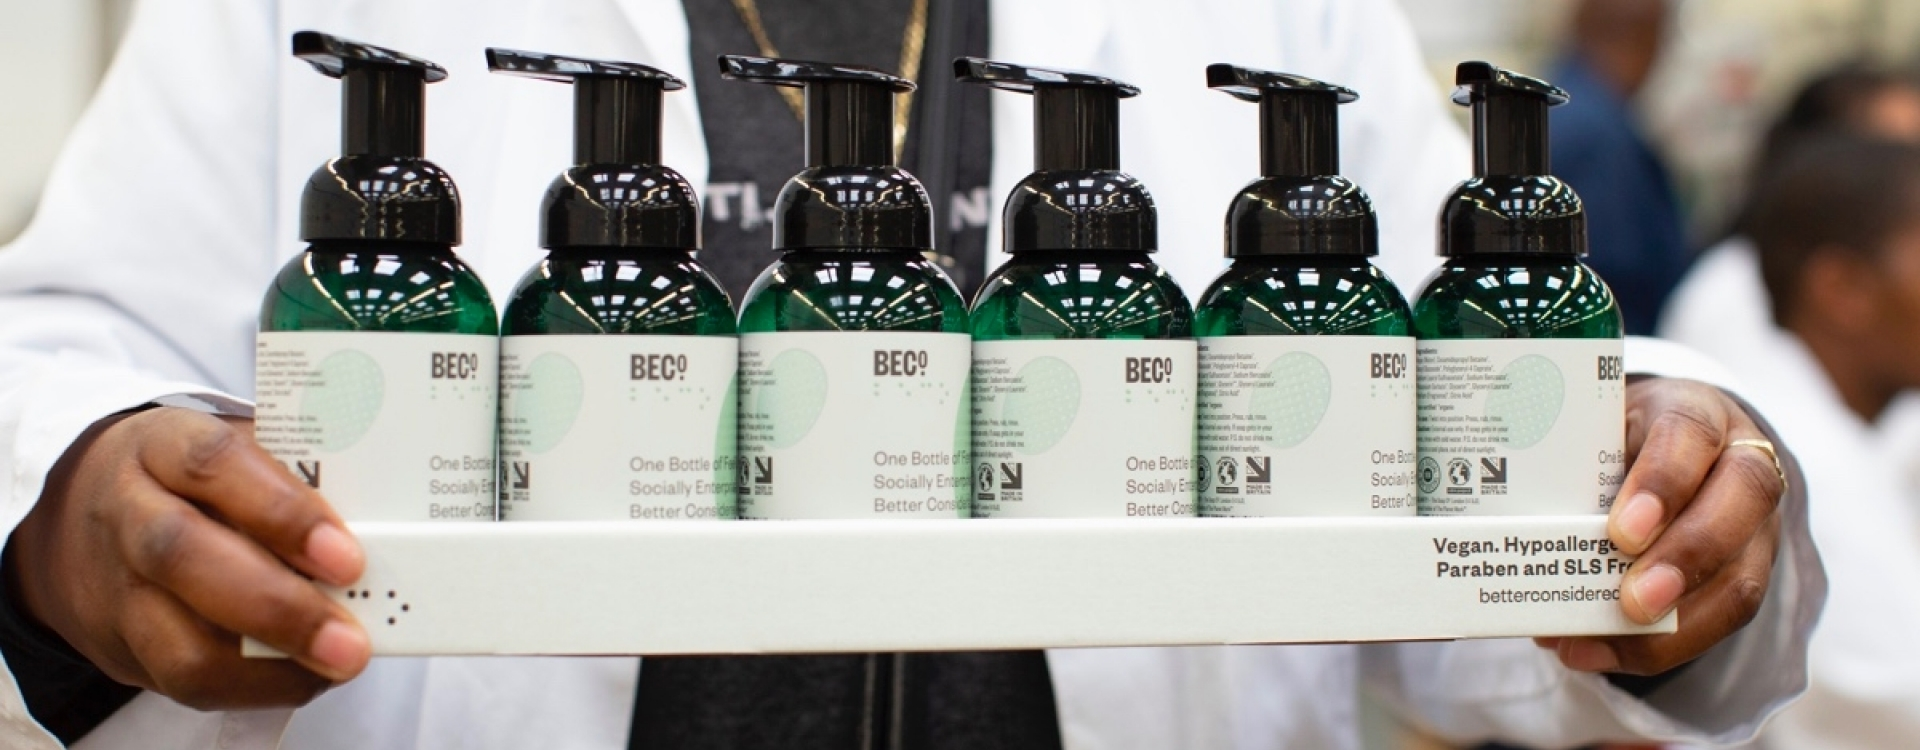 Brands beco 05